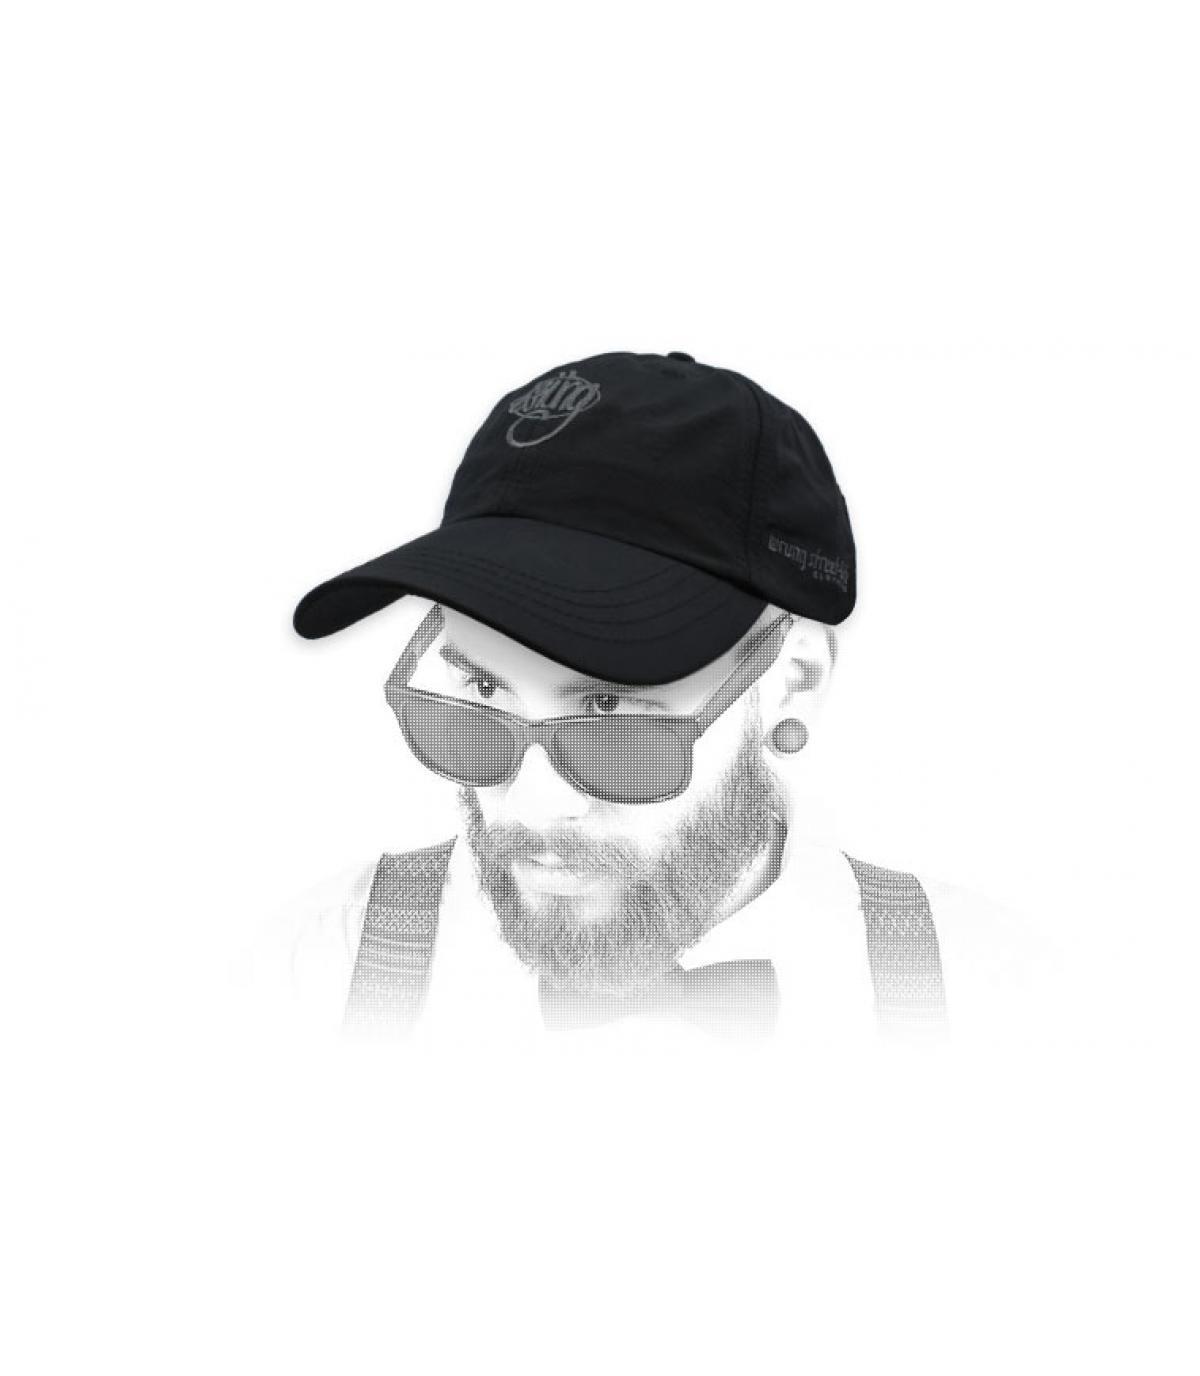 casquette Wrung noir logo90